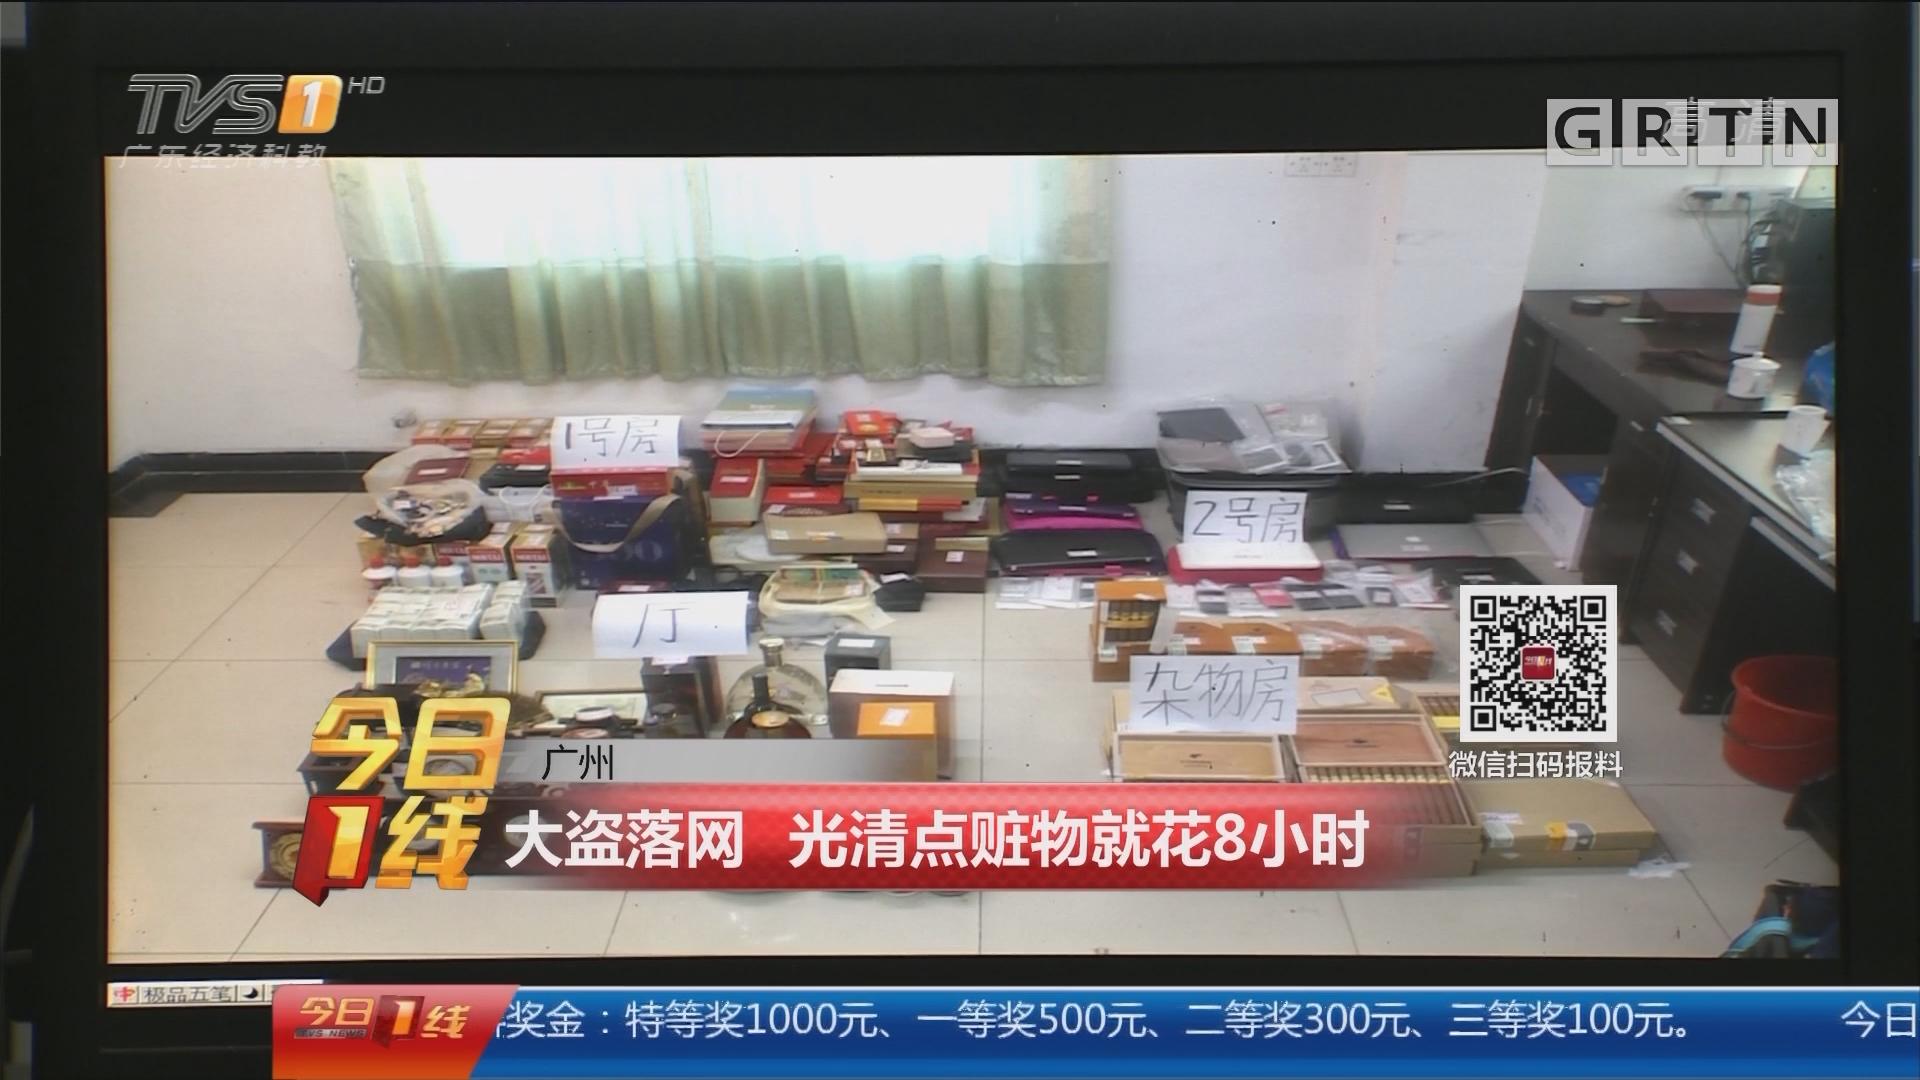 广州:大盗落网 光清点赃物就花8小时